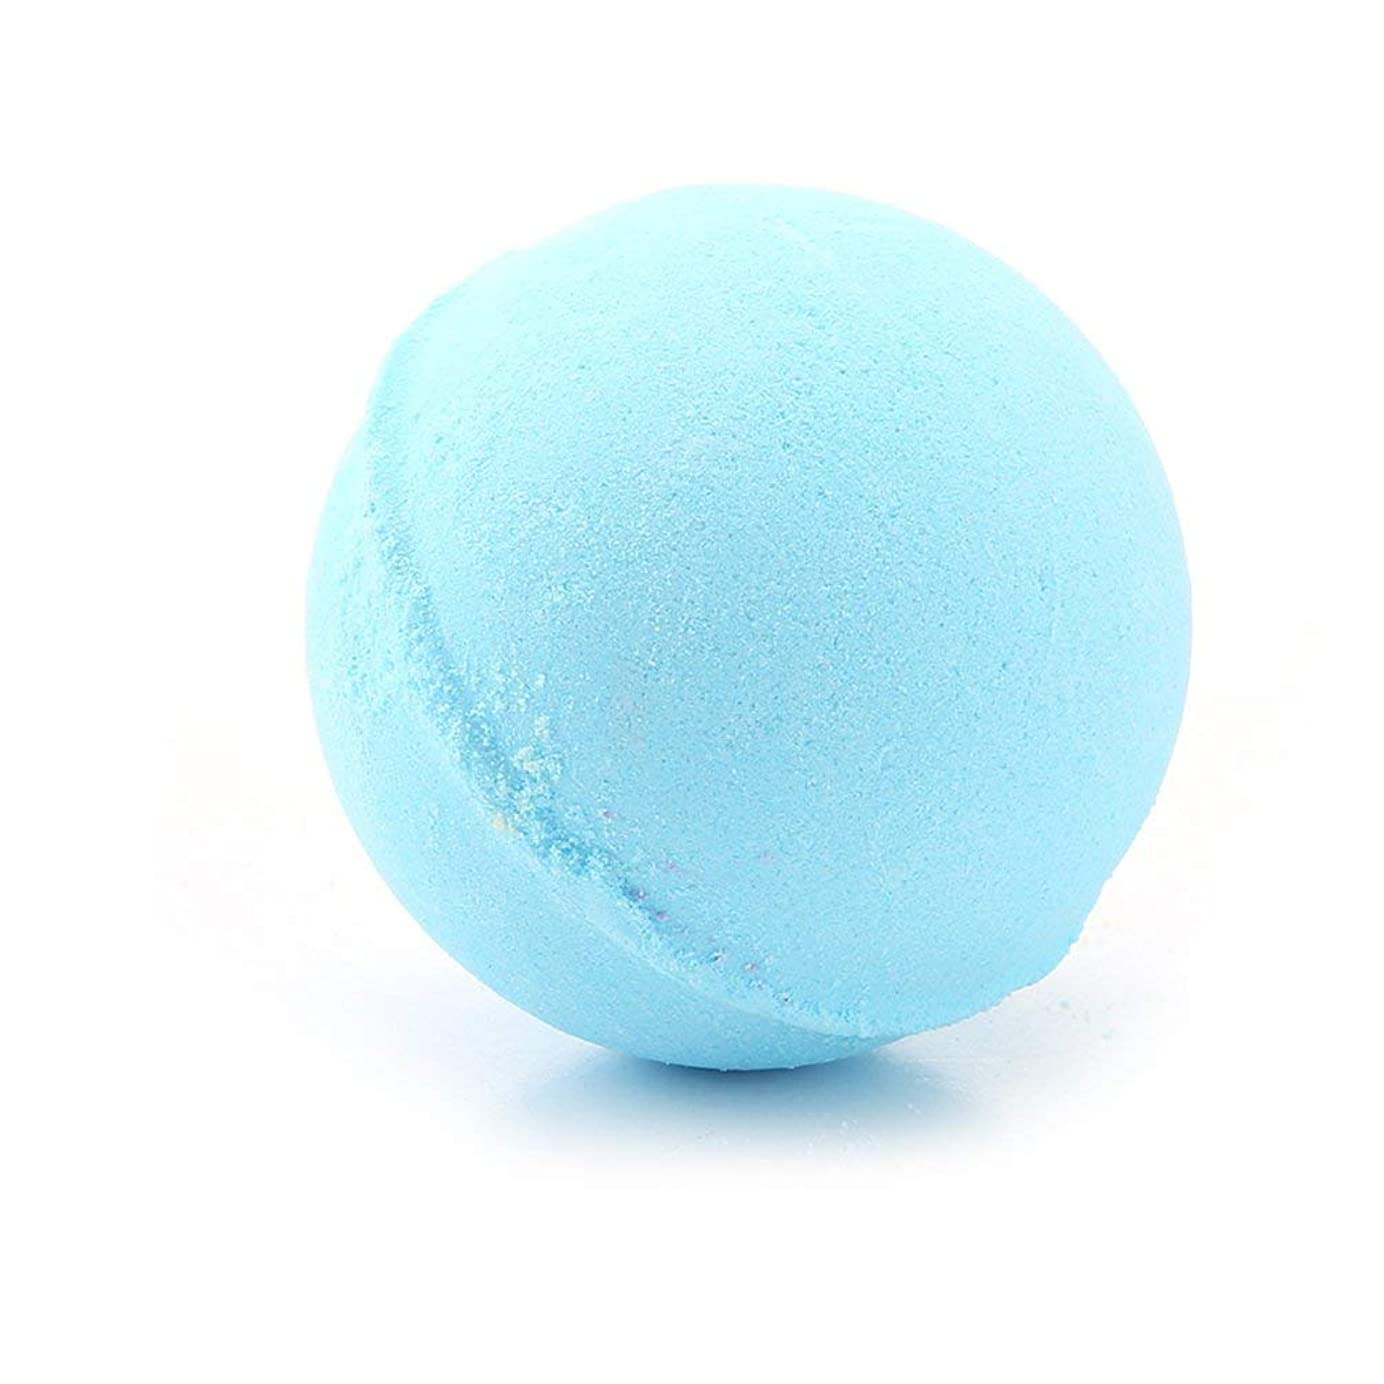 60グラム多色風呂ボールナチュラルバブルフィザー風呂爆弾ホームホテルのバスルームボディスパ誕生日プレゼント用彼女の妻のガールフレンド - ブルー